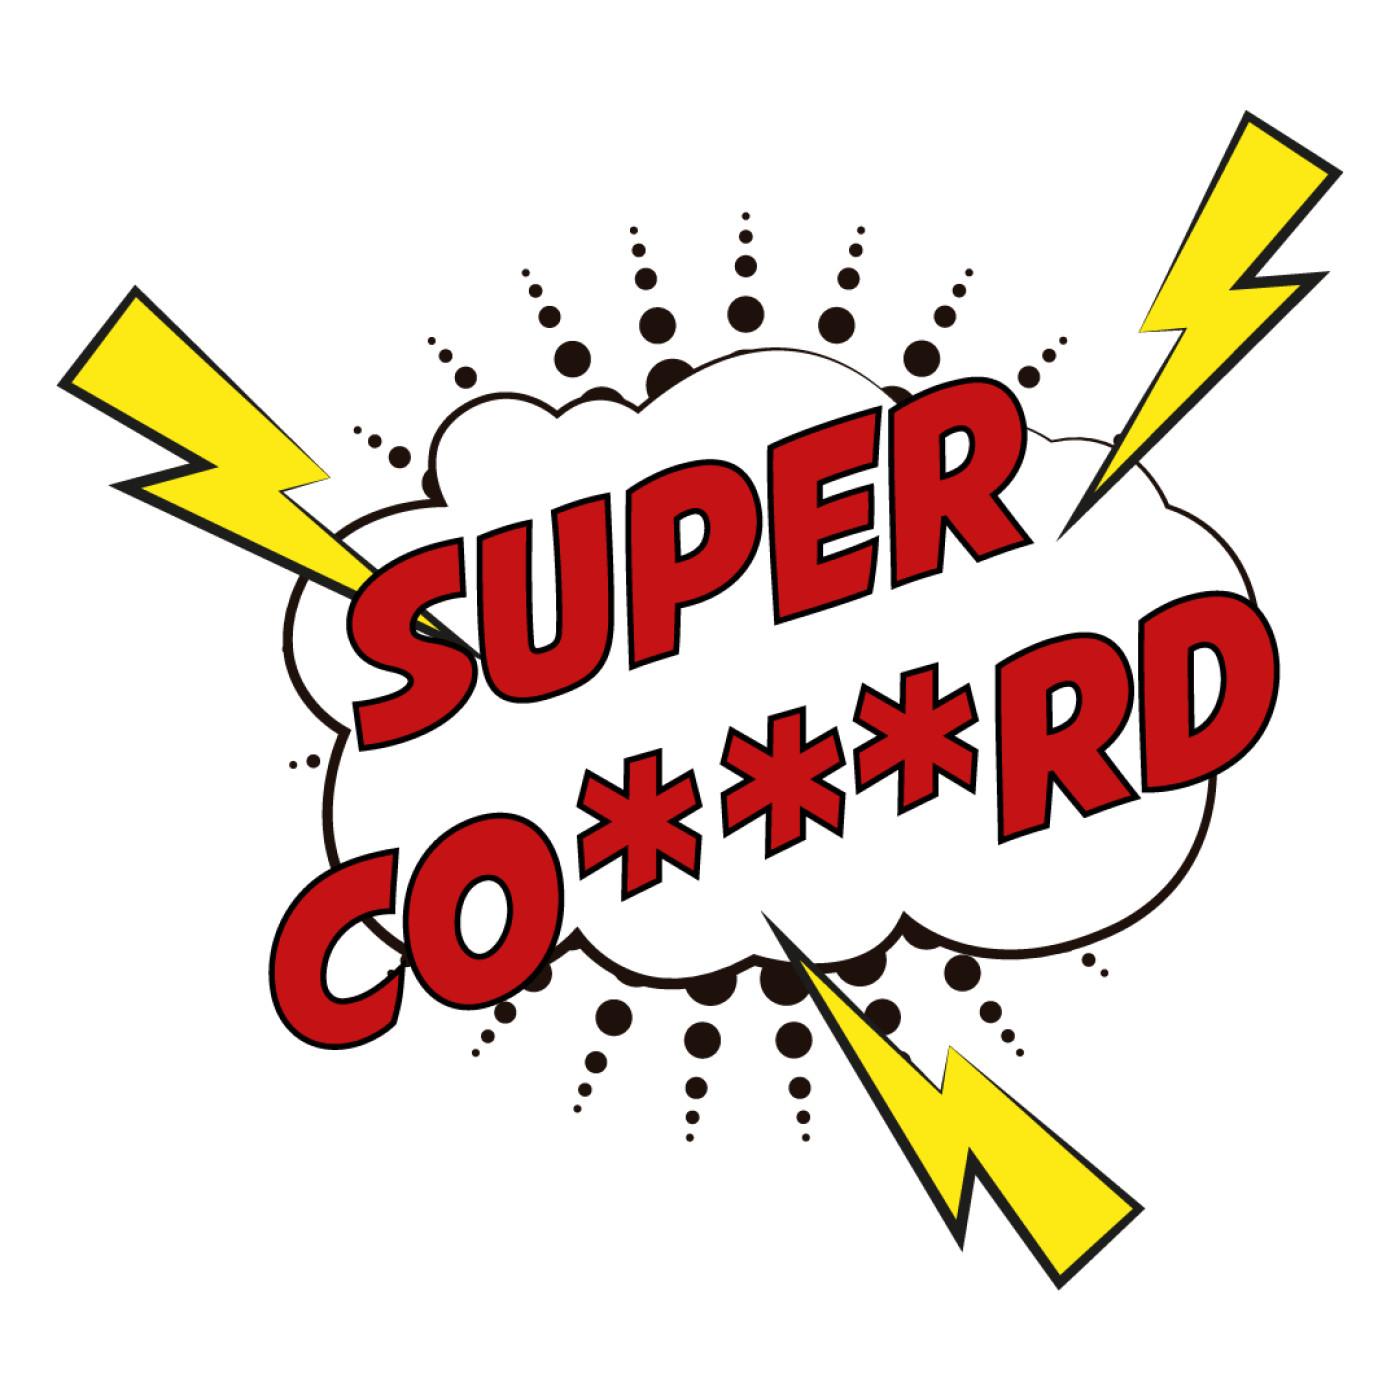 L'info insolite : Super Co***rd, le jeu de société inventé par des Carcassonnais